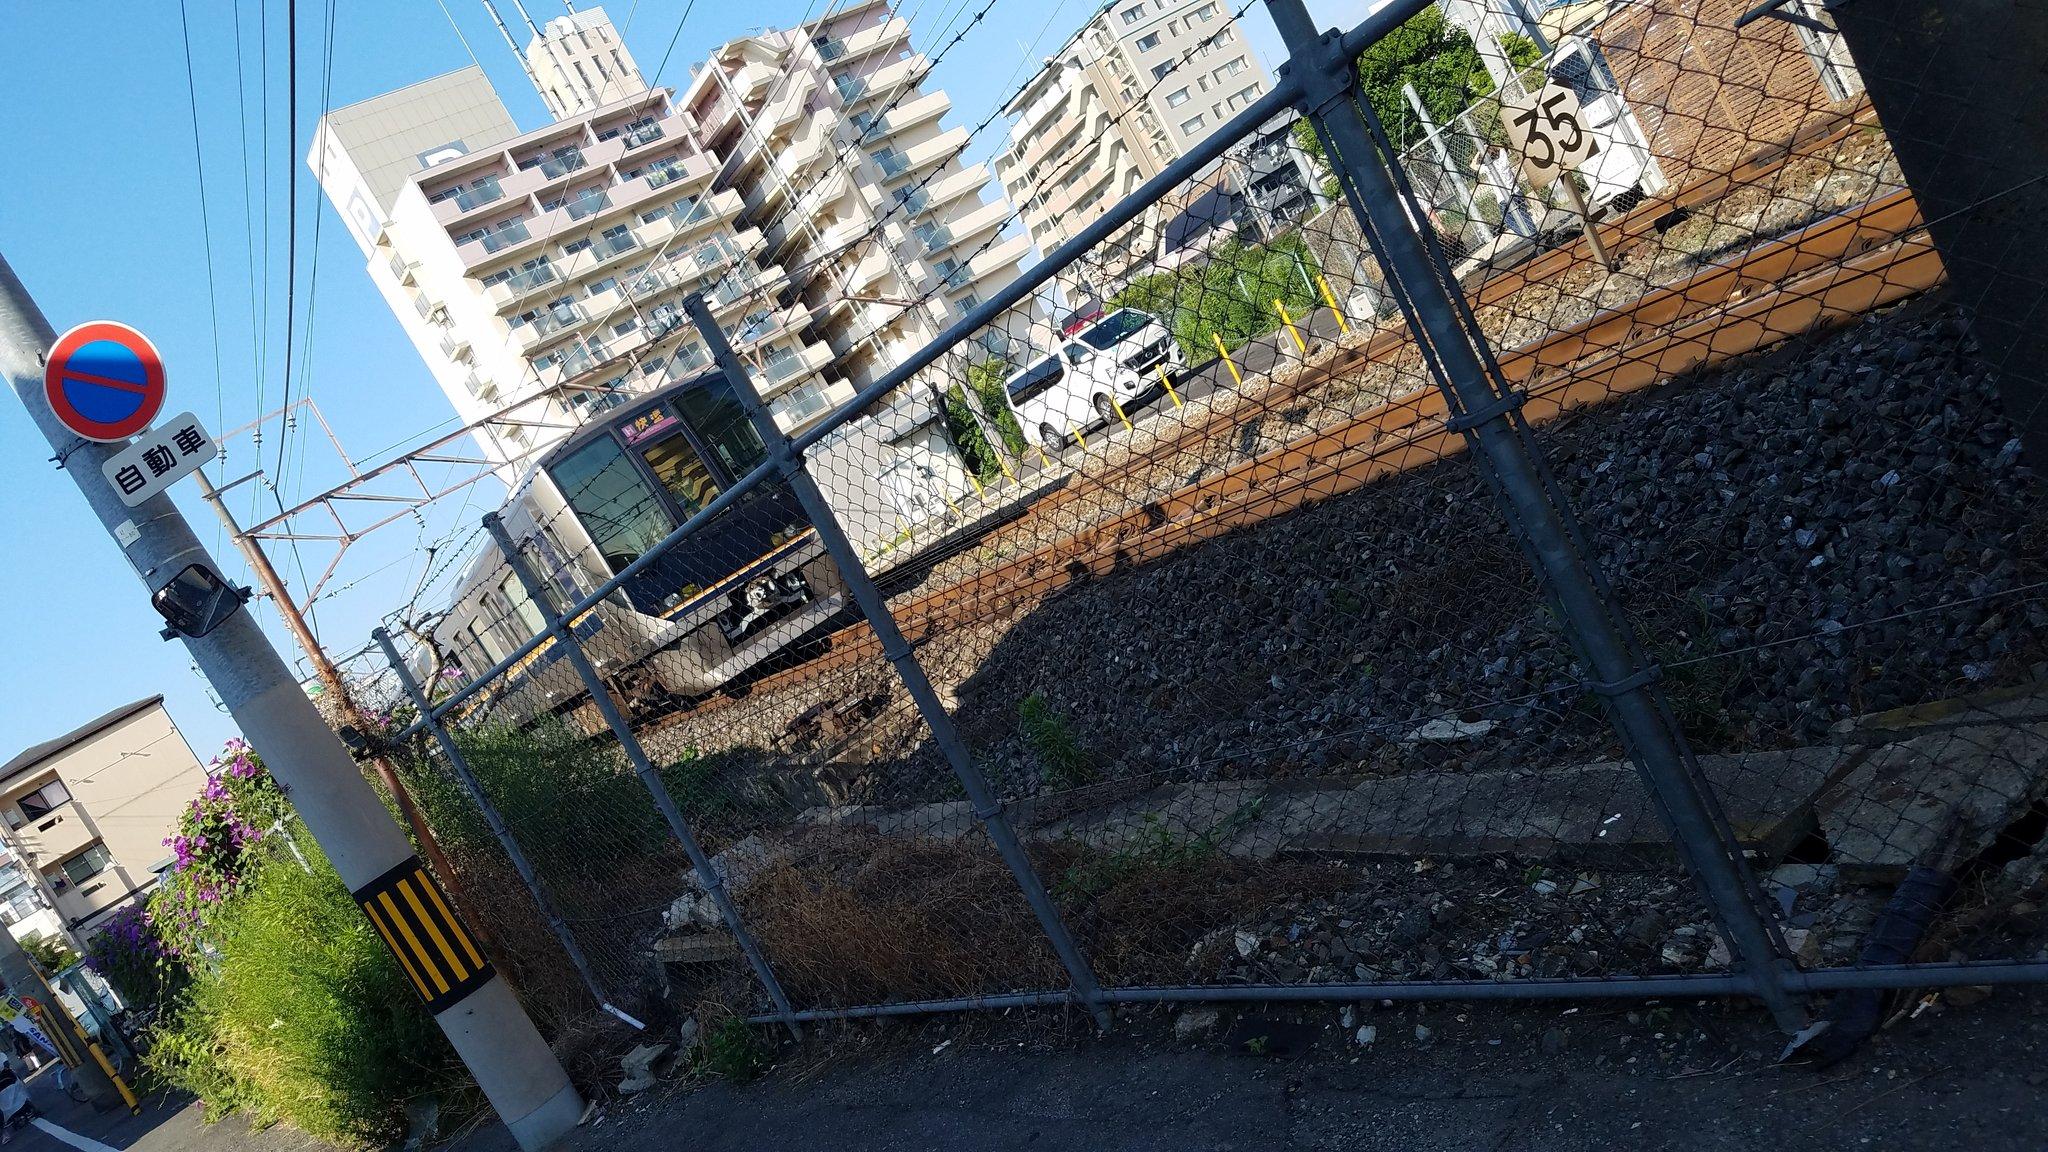 徳庵駅で人身事故「男性が下敷き」学研都市線が遅延 飛び込み自殺か